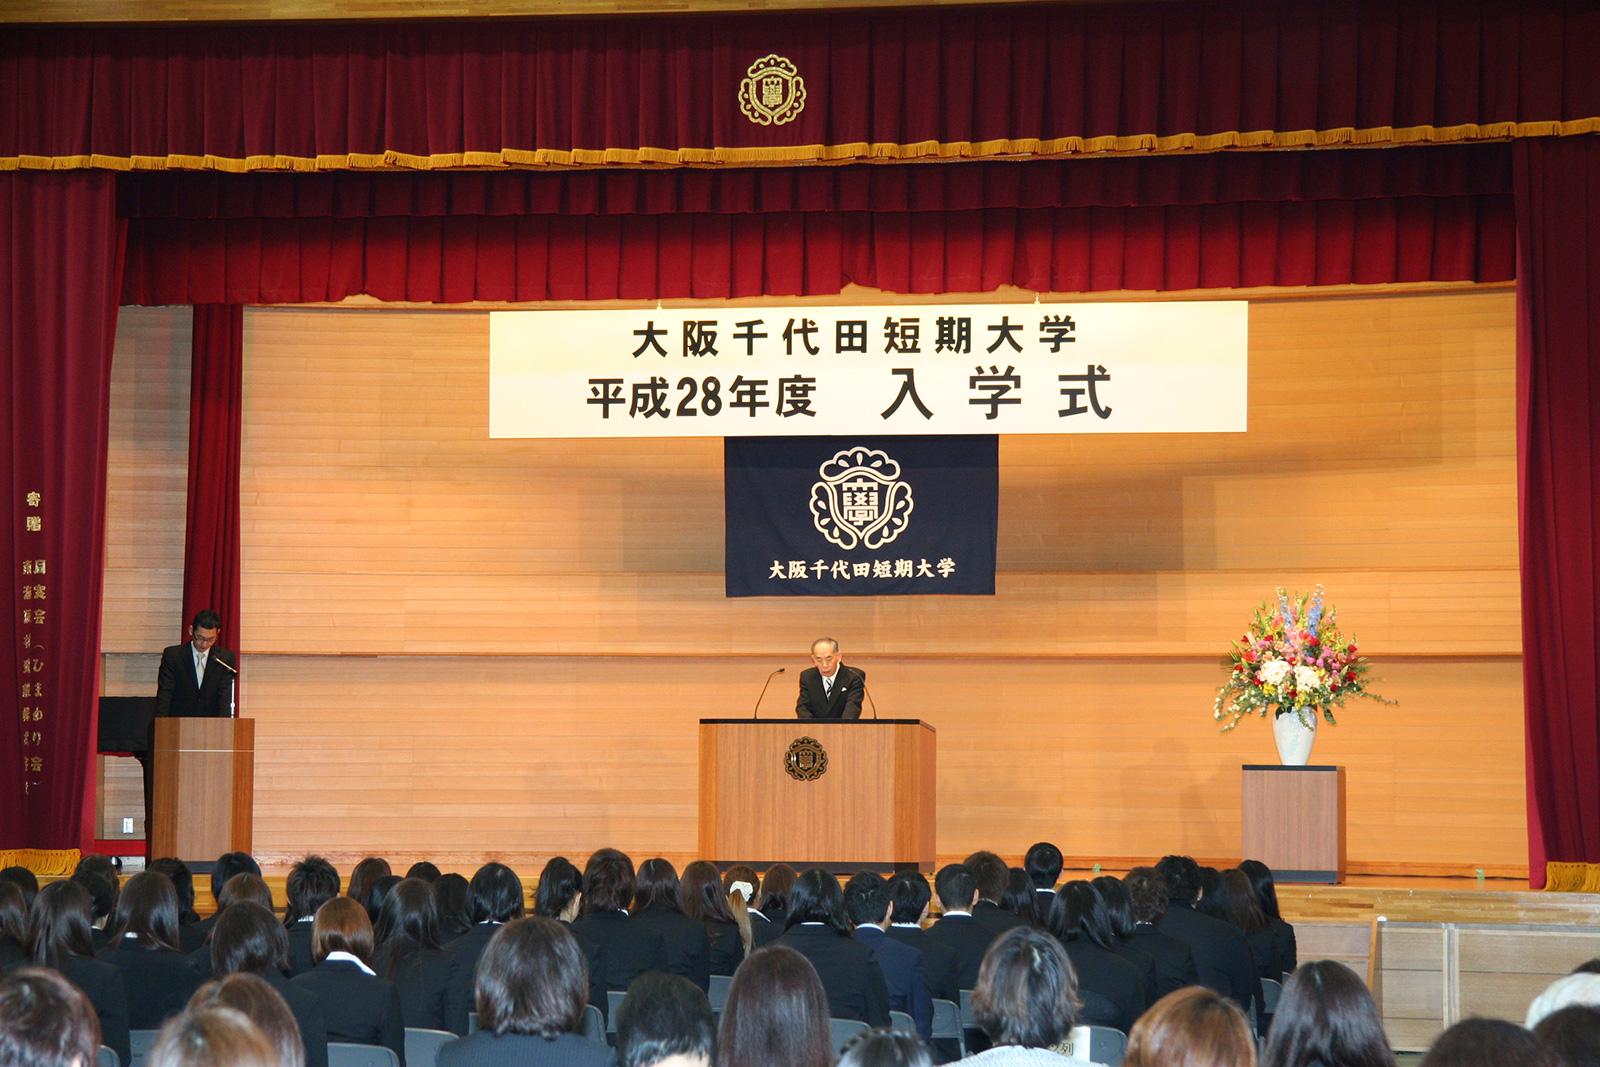 平成28年度入学式を挙行しました